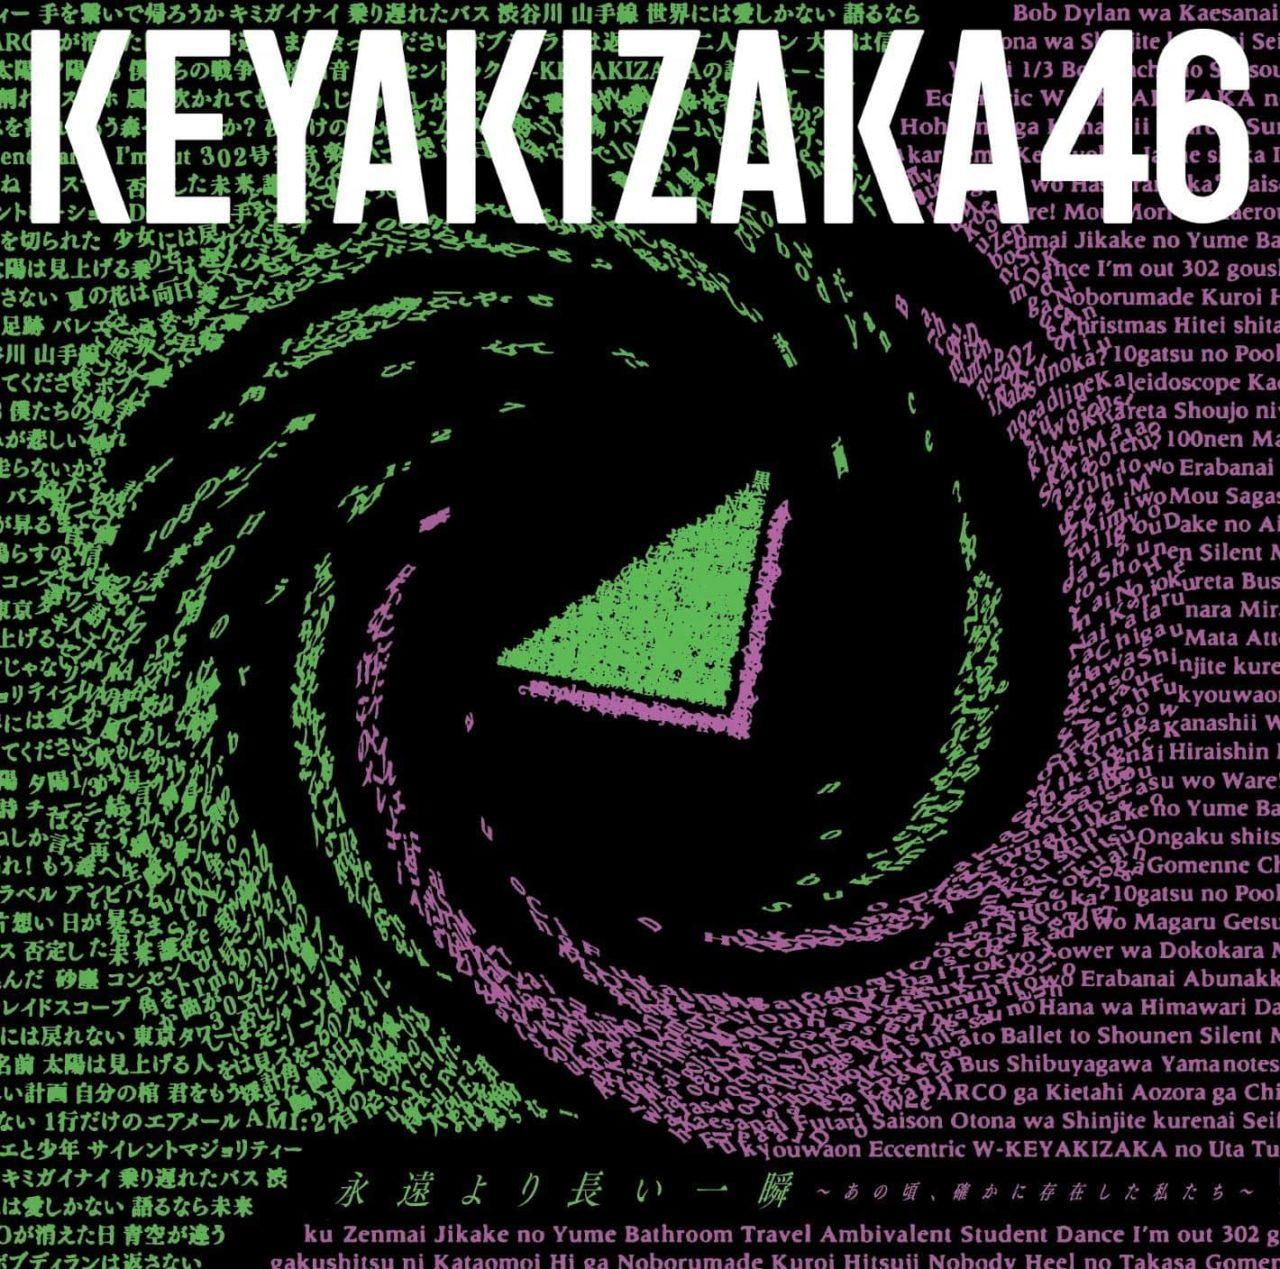 欅坂46 ベストアルバム「永遠より長い一瞬 ~あの頃、確かに存在した私たち~」